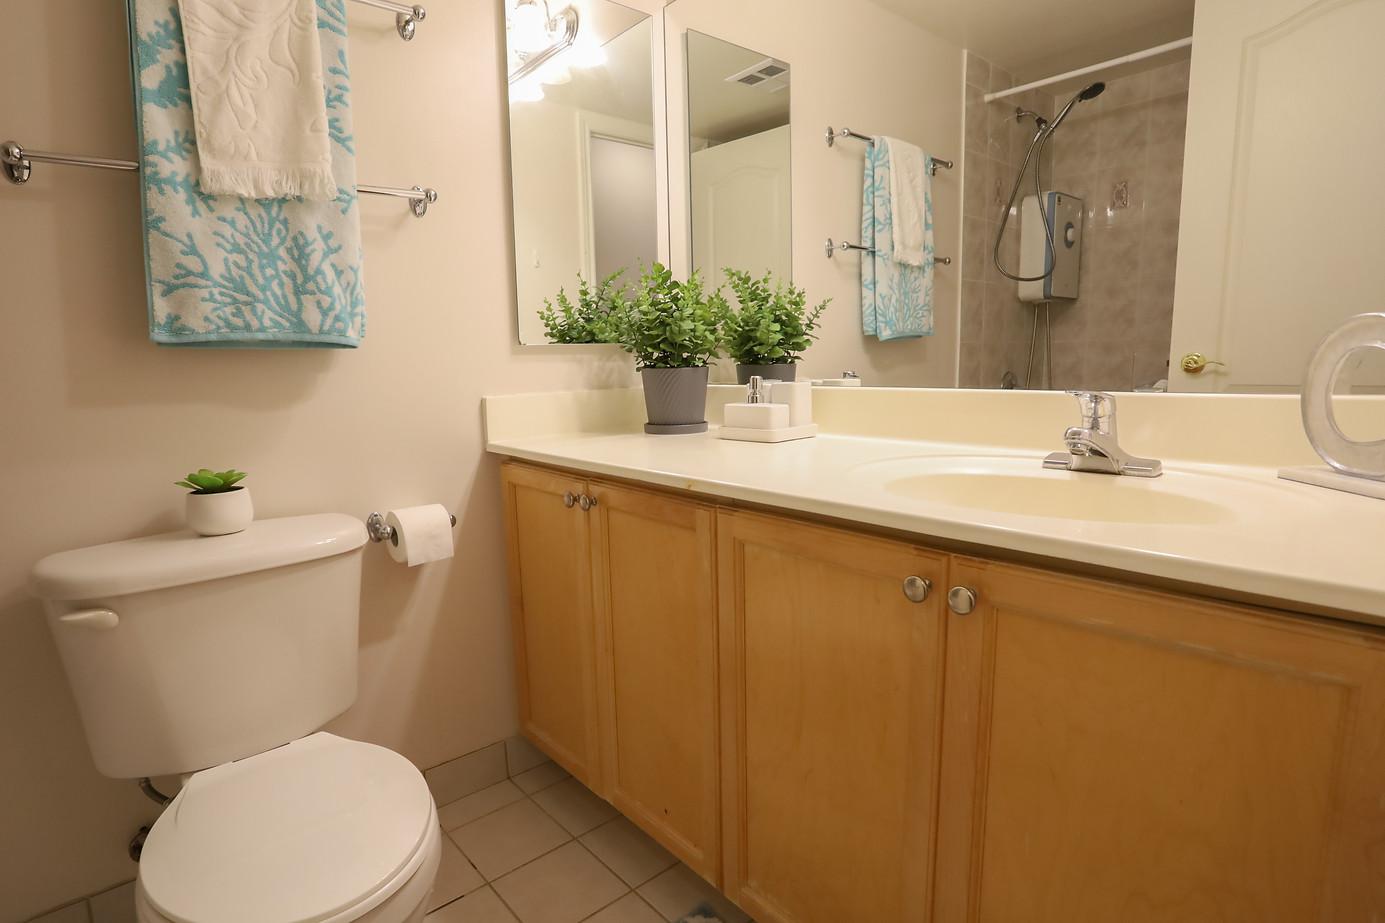 washroom 21.jpeg